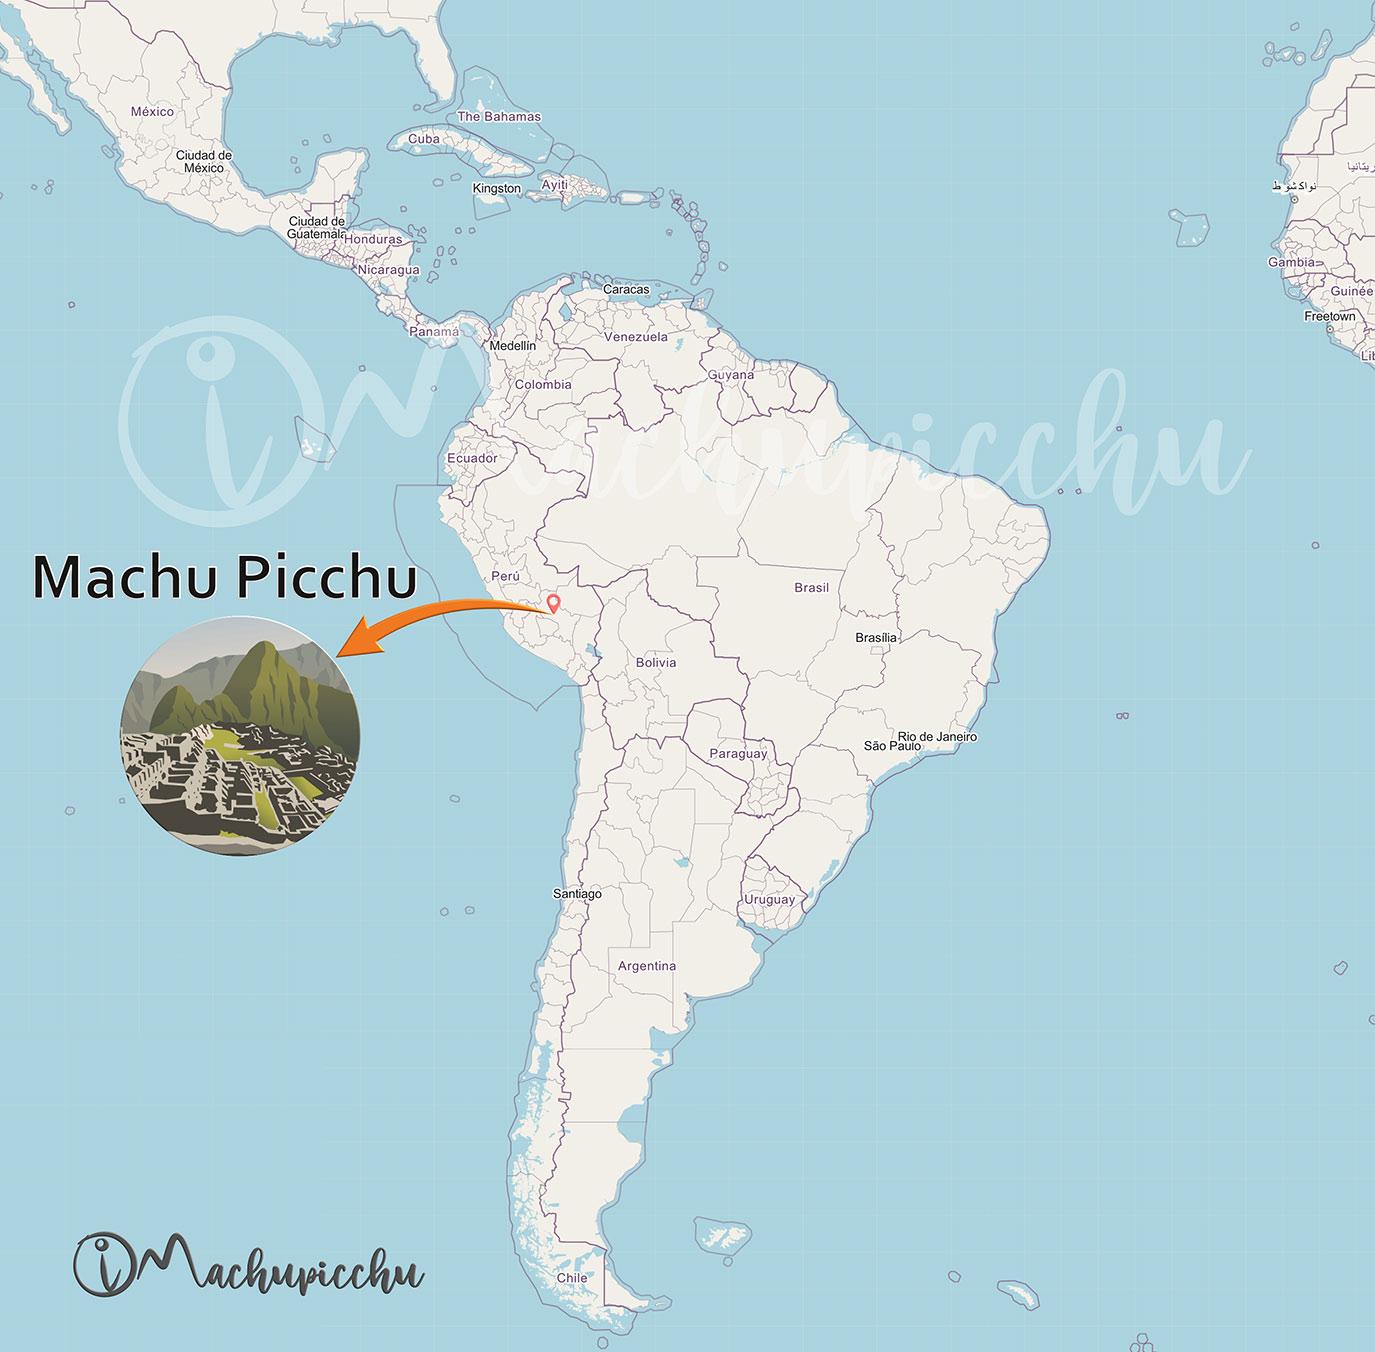 Ubicación de Machu Picchu en America del Sur